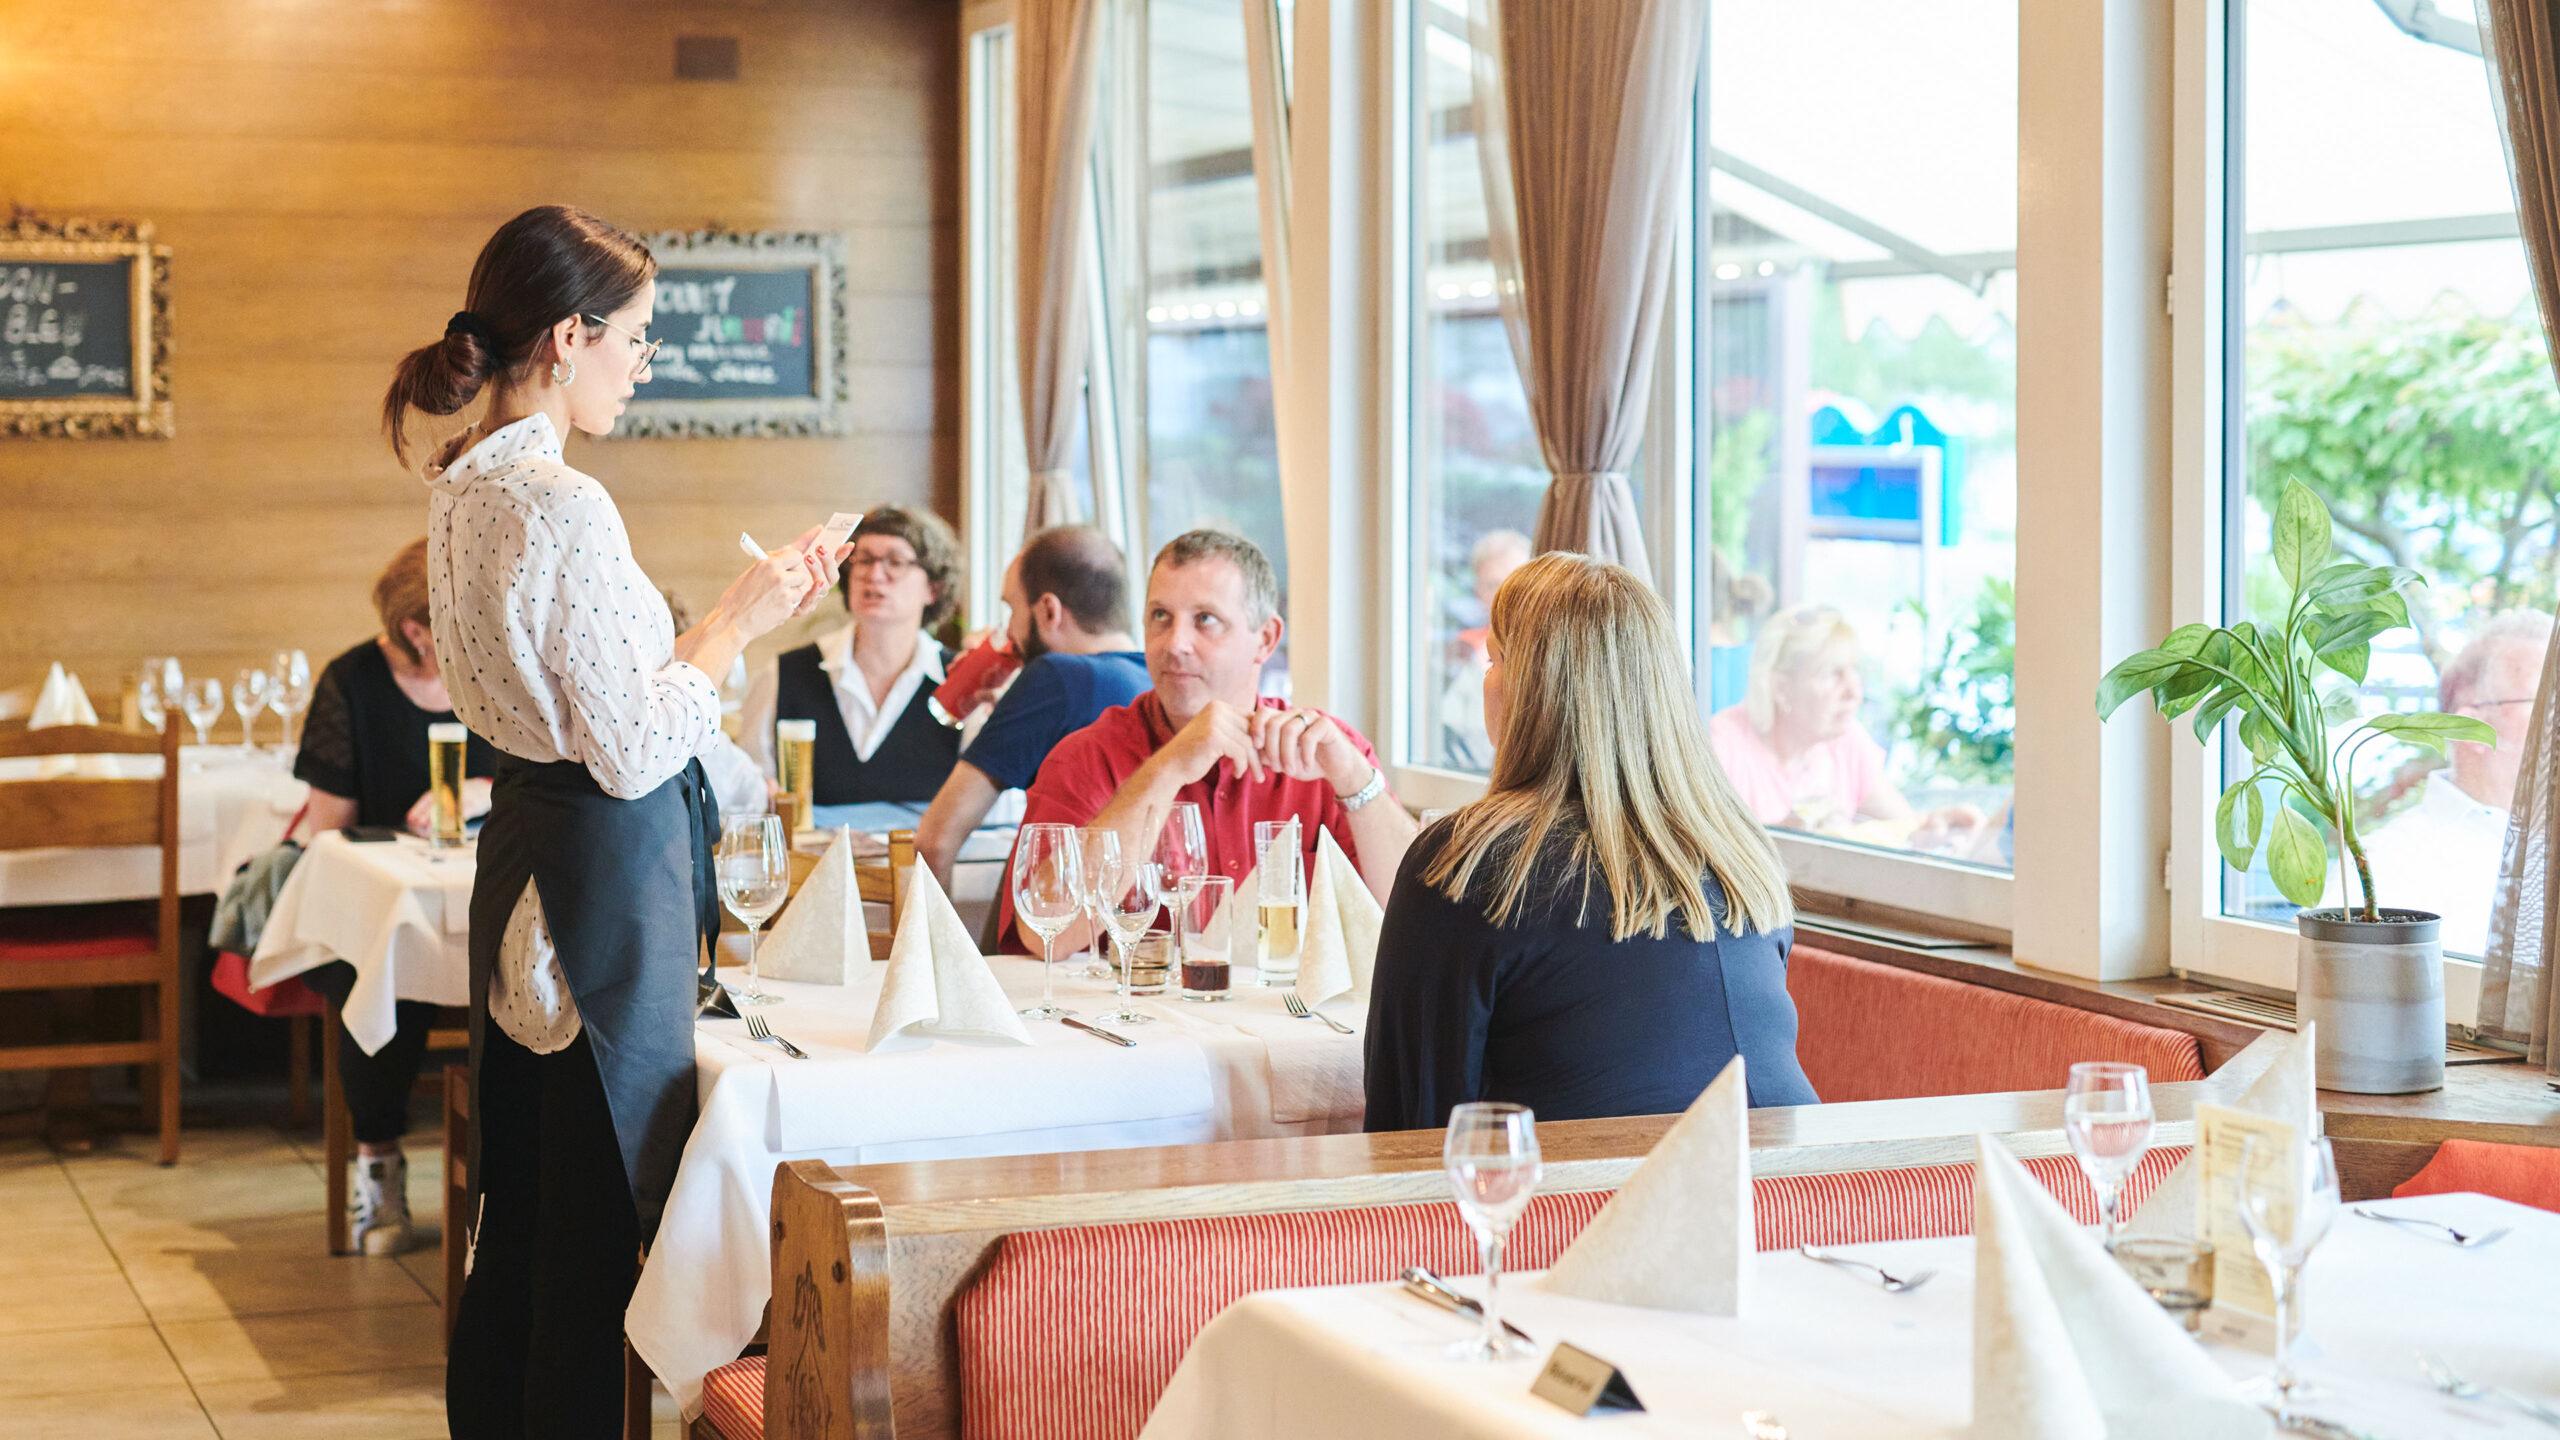 Restaurant-Schiffli-Diepoldsau-200905-PHK0221_eciRGB_v2-3840x2160